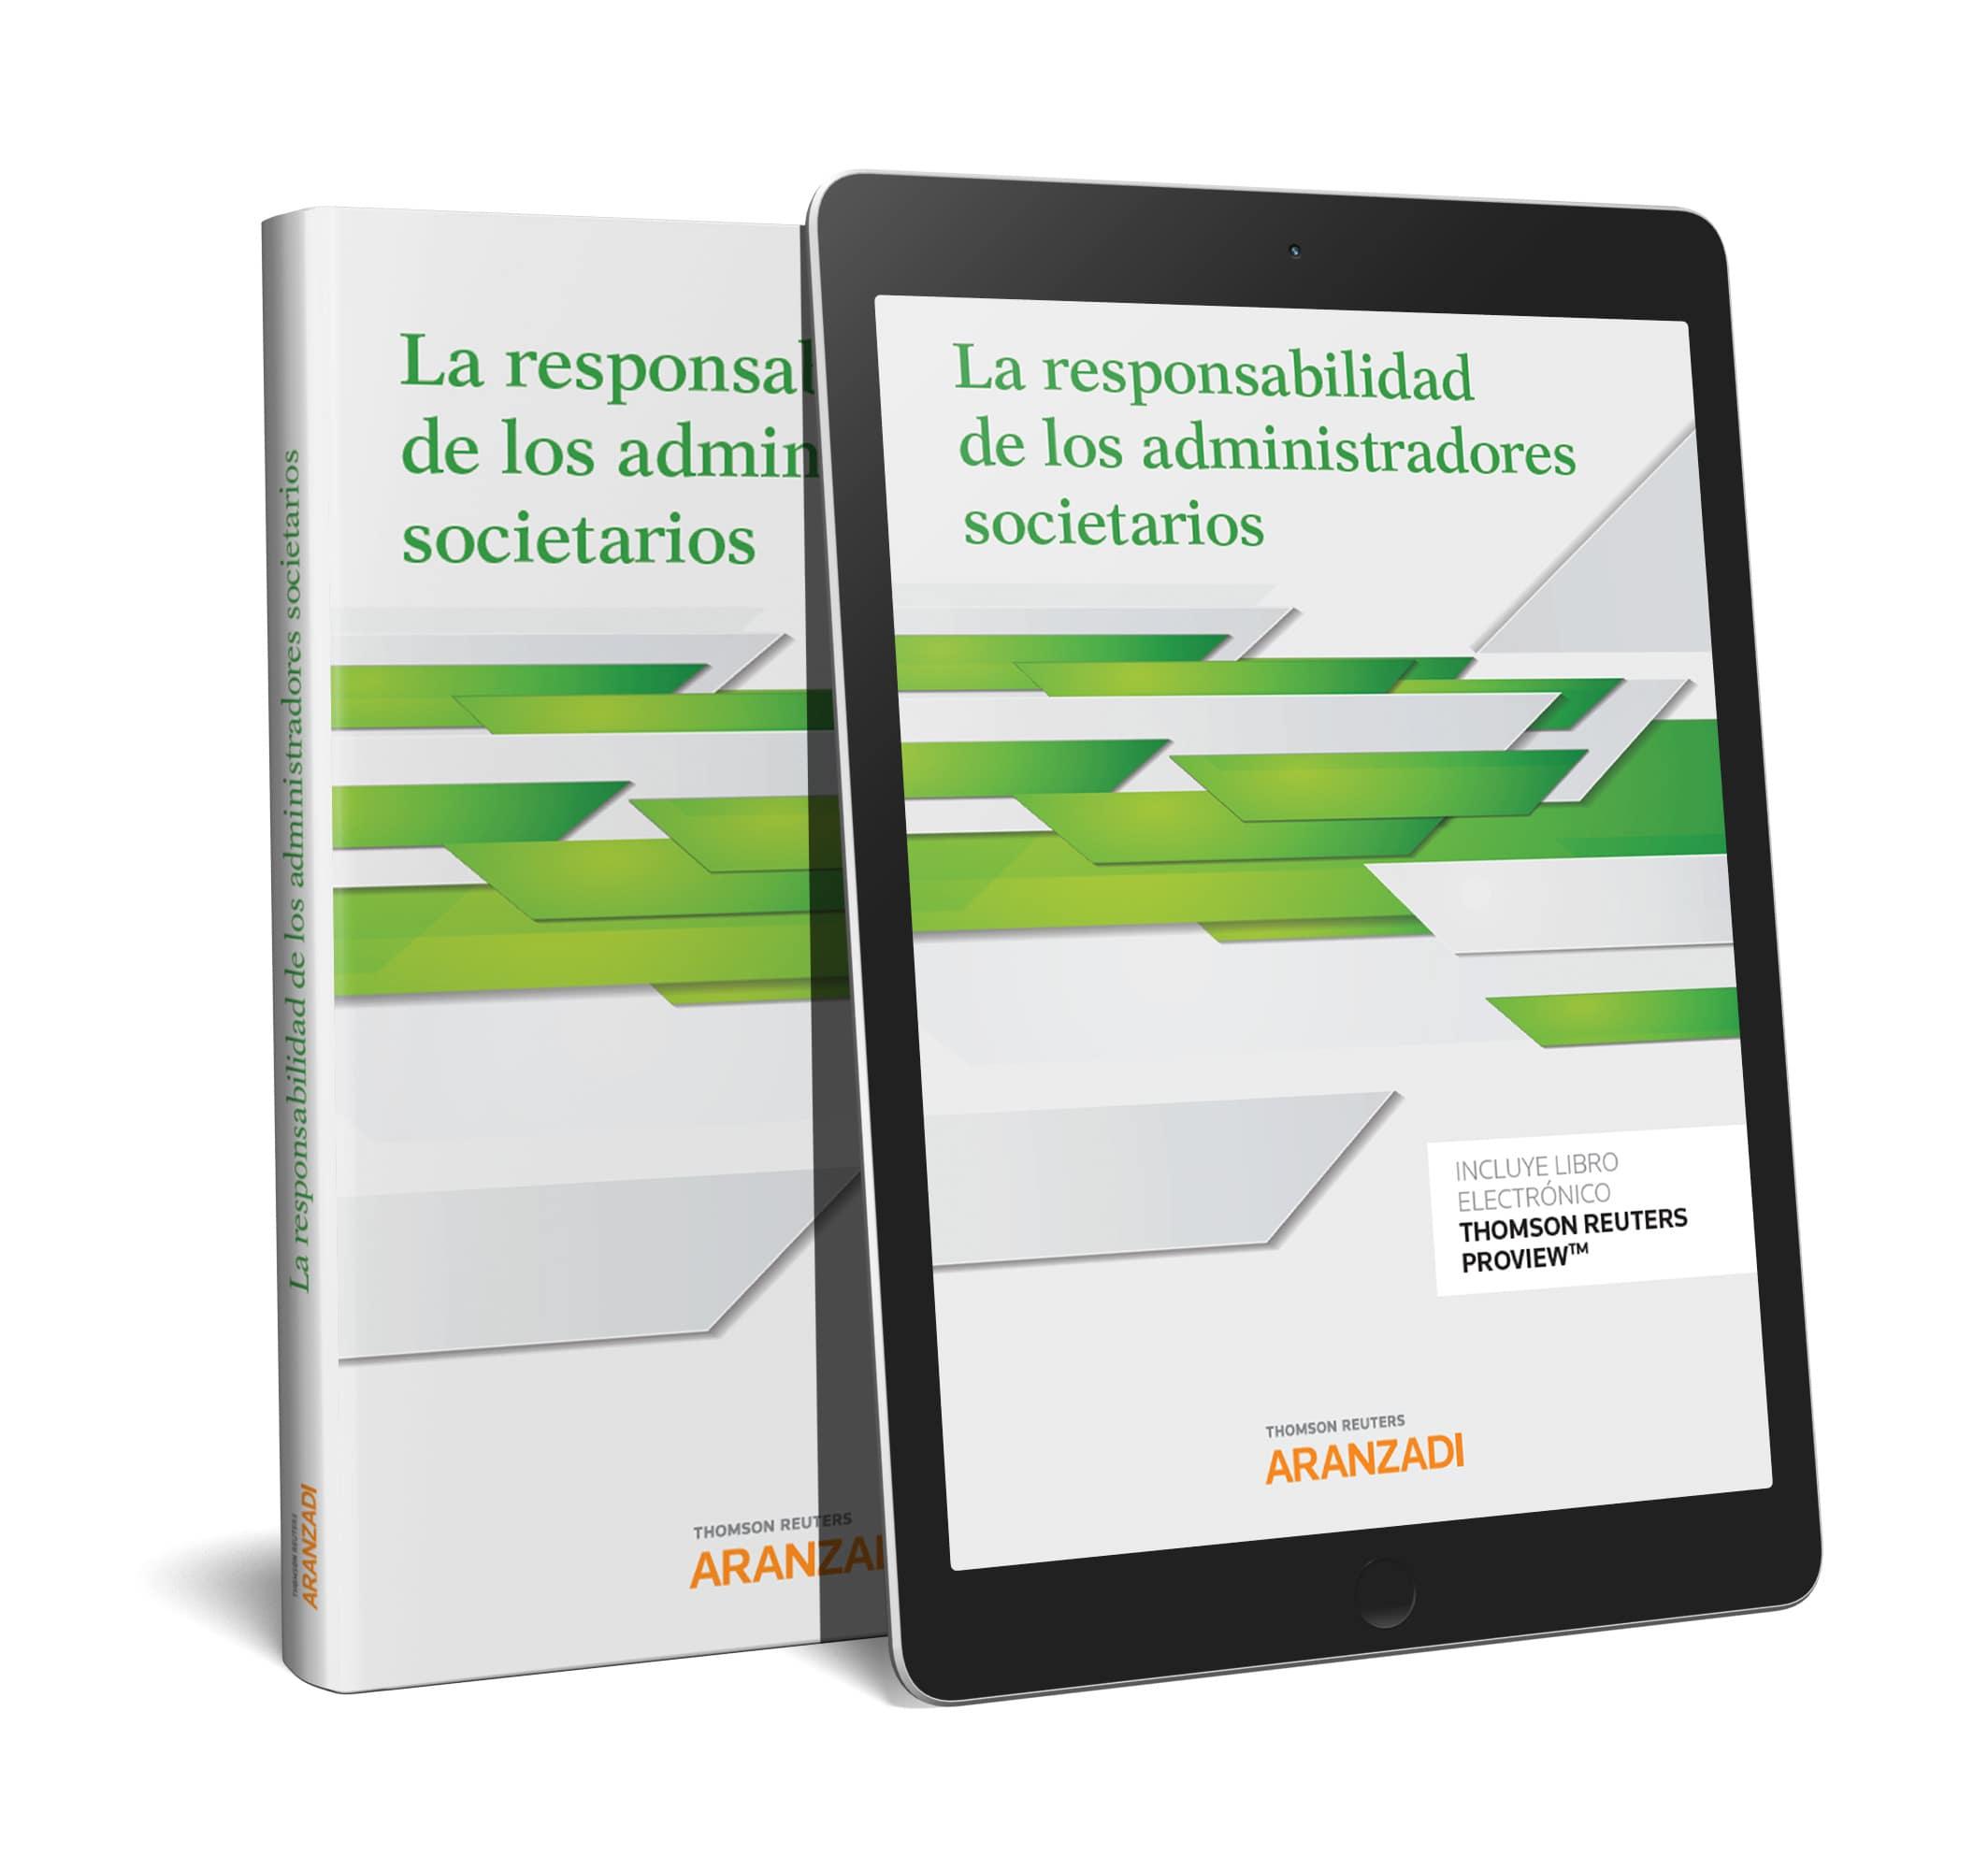 La responsabilidad de los administradores societarios (Papel + e-book)